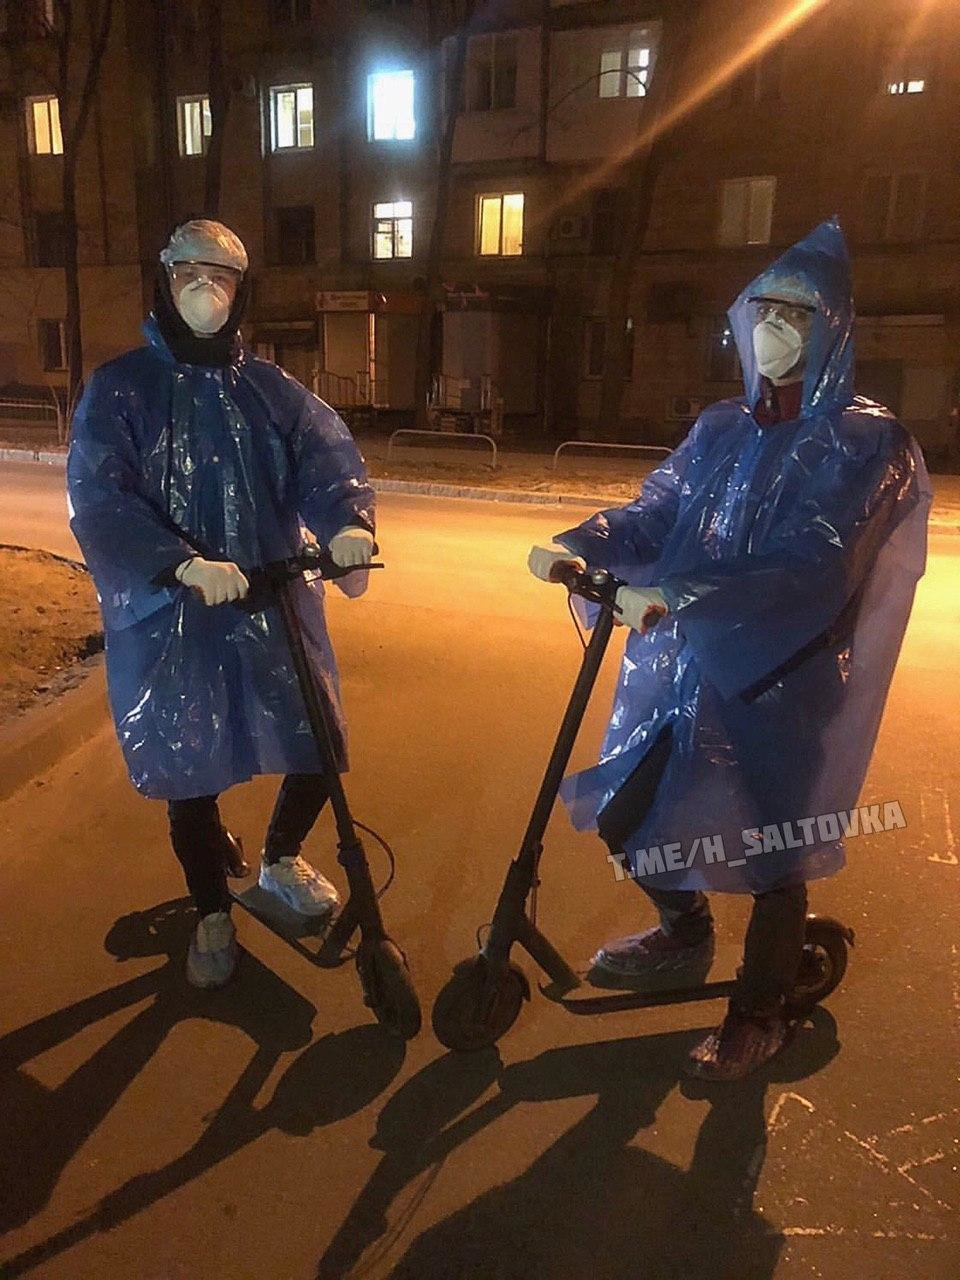 От костюмов химзащиты до целлофановых пакетов. Как харьковчане «защищаются» от коронавируса, - ФОТО, фото-7